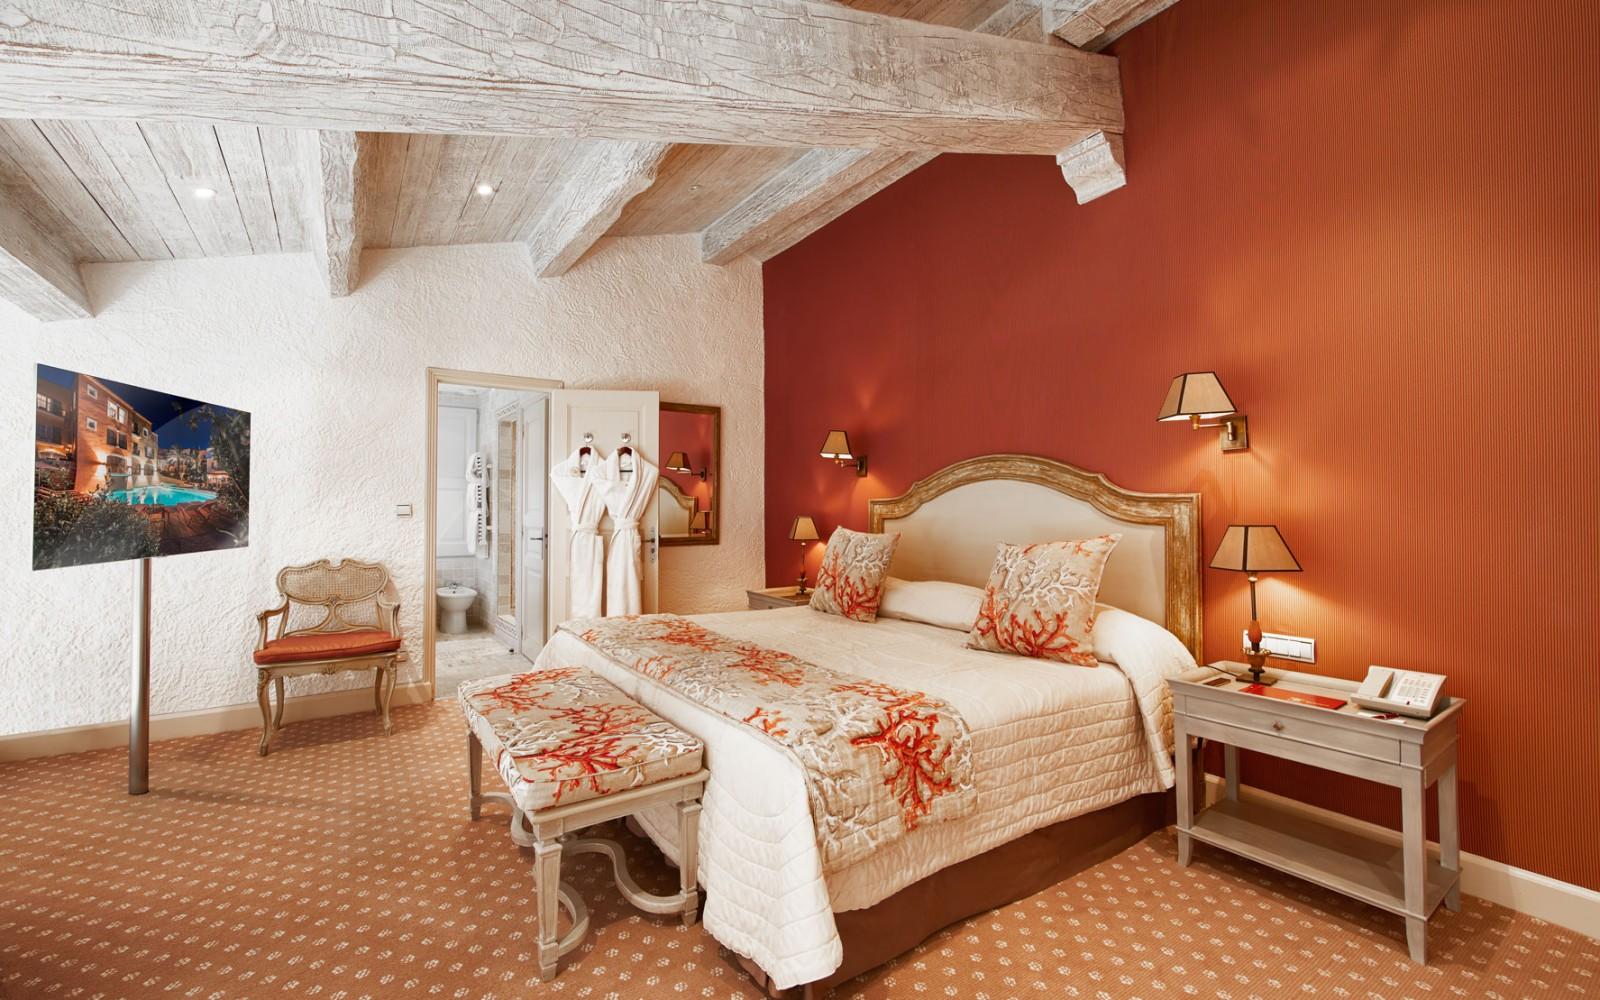 Hotel_Byblos_Saint-Tropez_Duplex-Suite-232-3